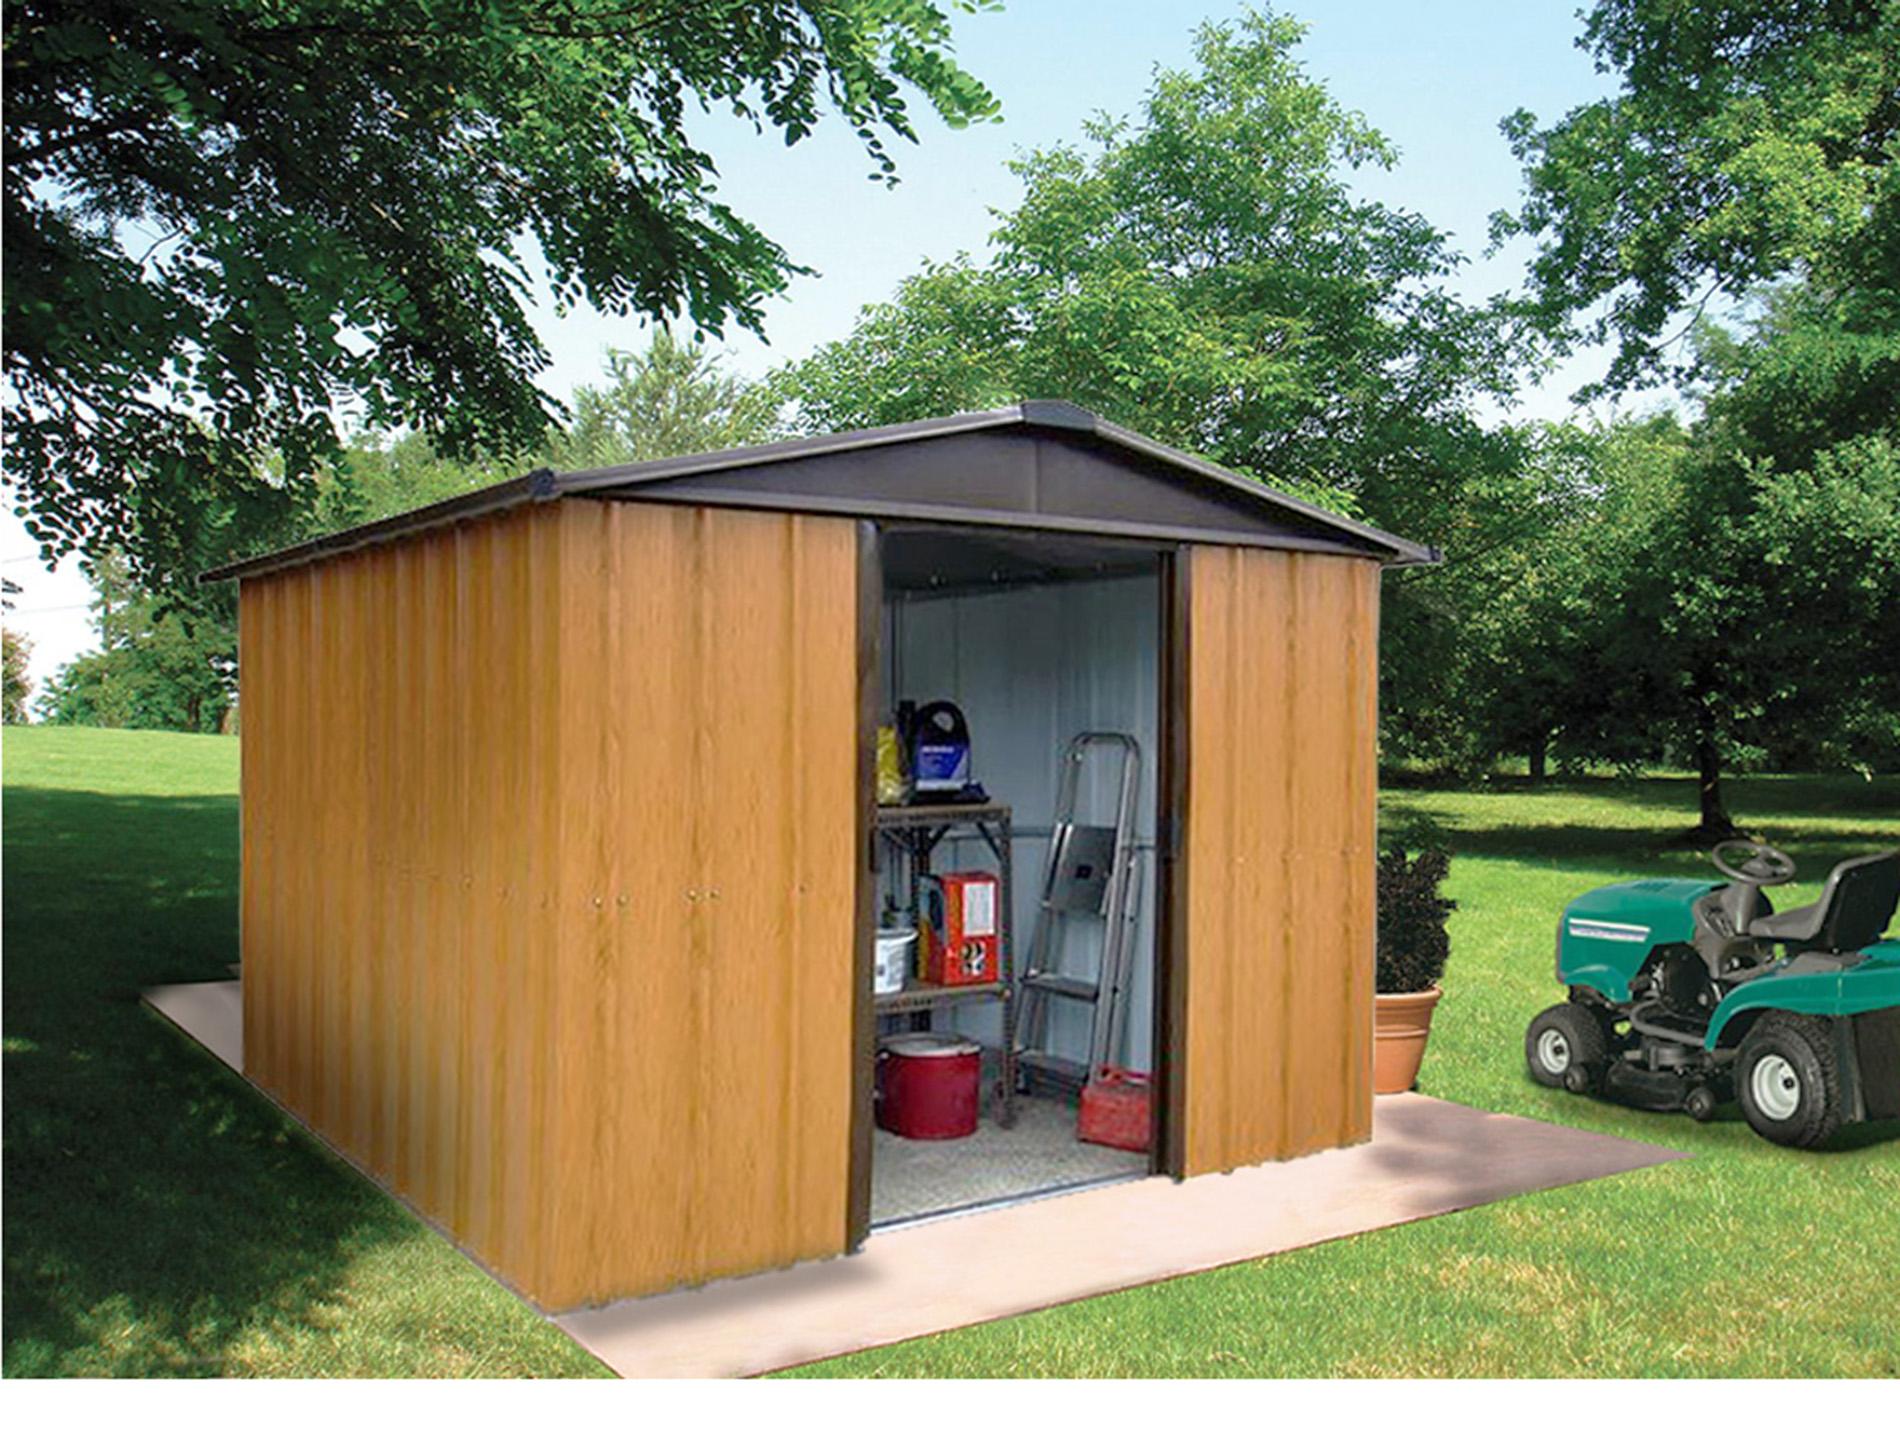 Abri de jardin m tal yardmaster aspect bois 9 03 m abris de jardin abris de jardin - Amenagement abri jardin ...